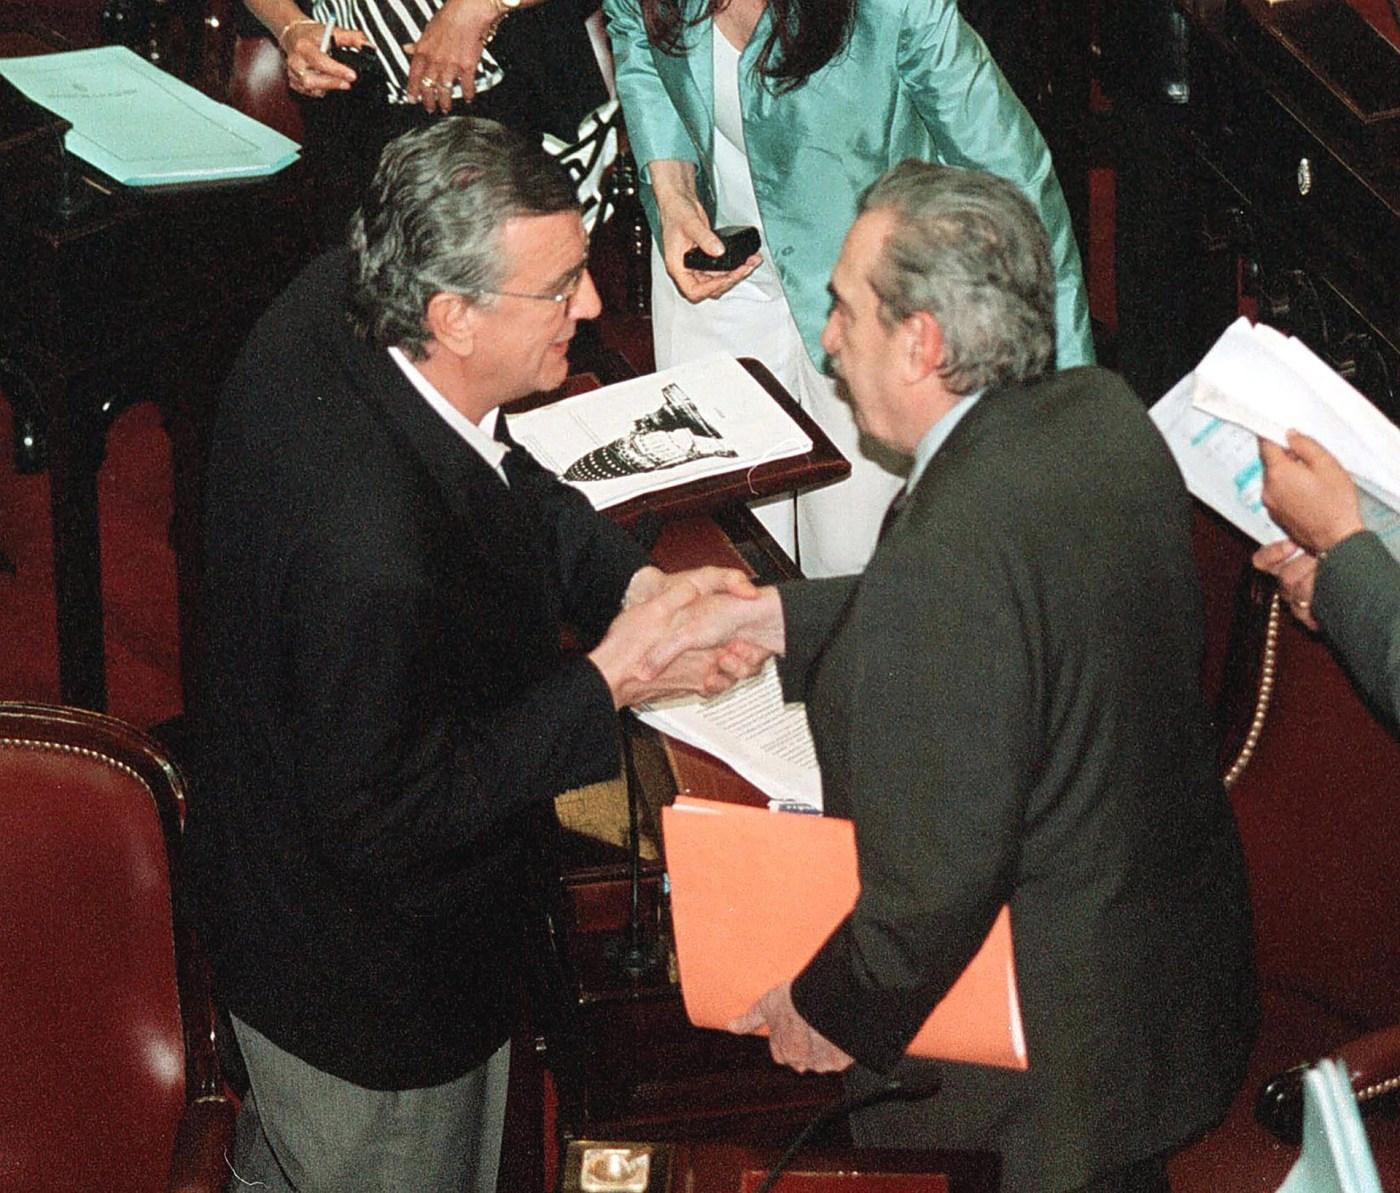 Junto al senador del PJ Jose Luis Gioja, al finalizar el tratamiento de la Ley de emergencia económica y darle sanción favorable en la Cámara Alta.